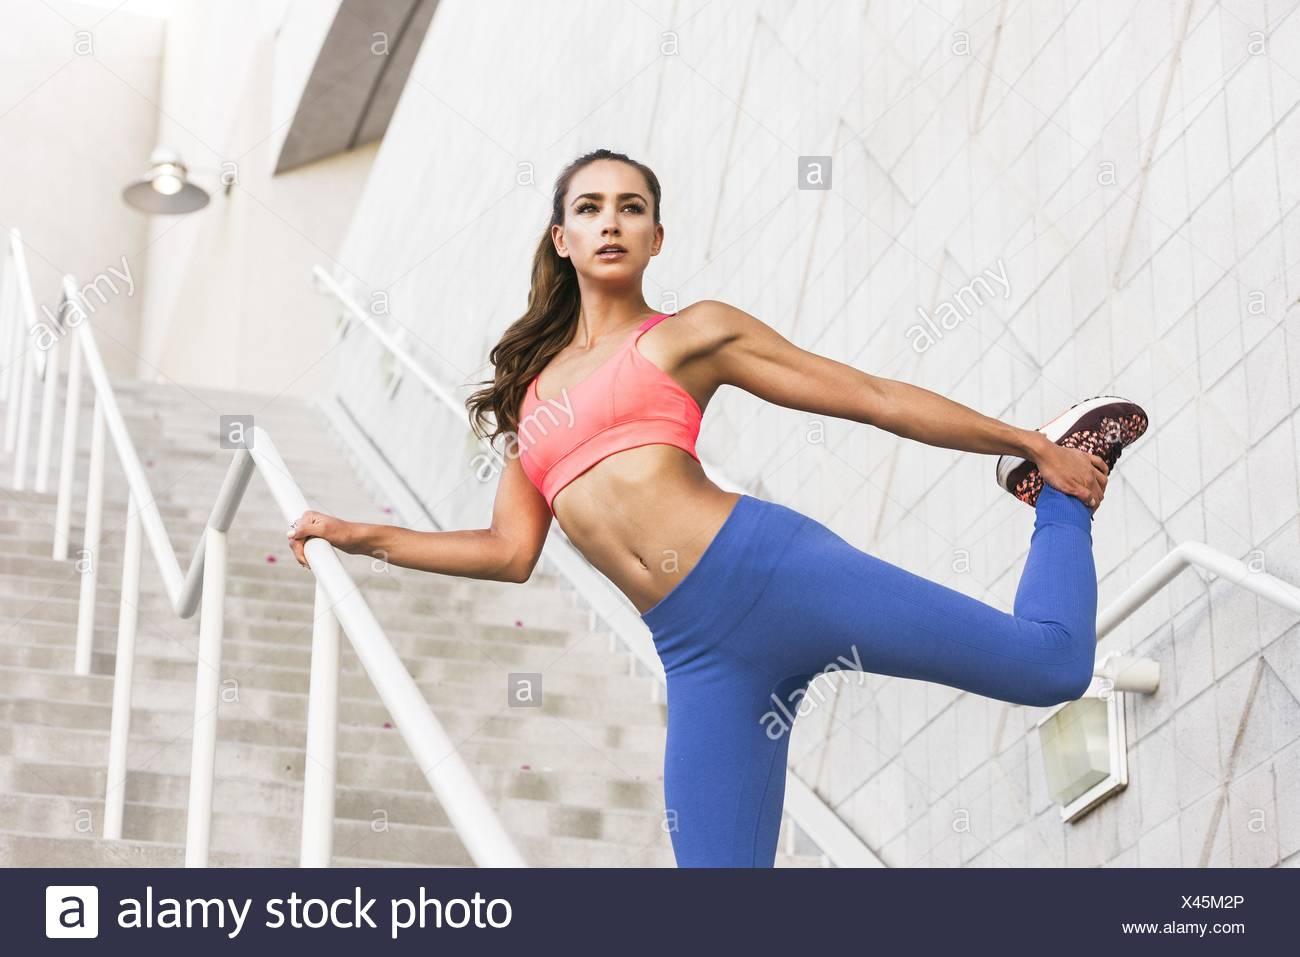 Low angle view of young woman holding qui s'étend de la cheville de la jambe, à l'écart Banque D'Images